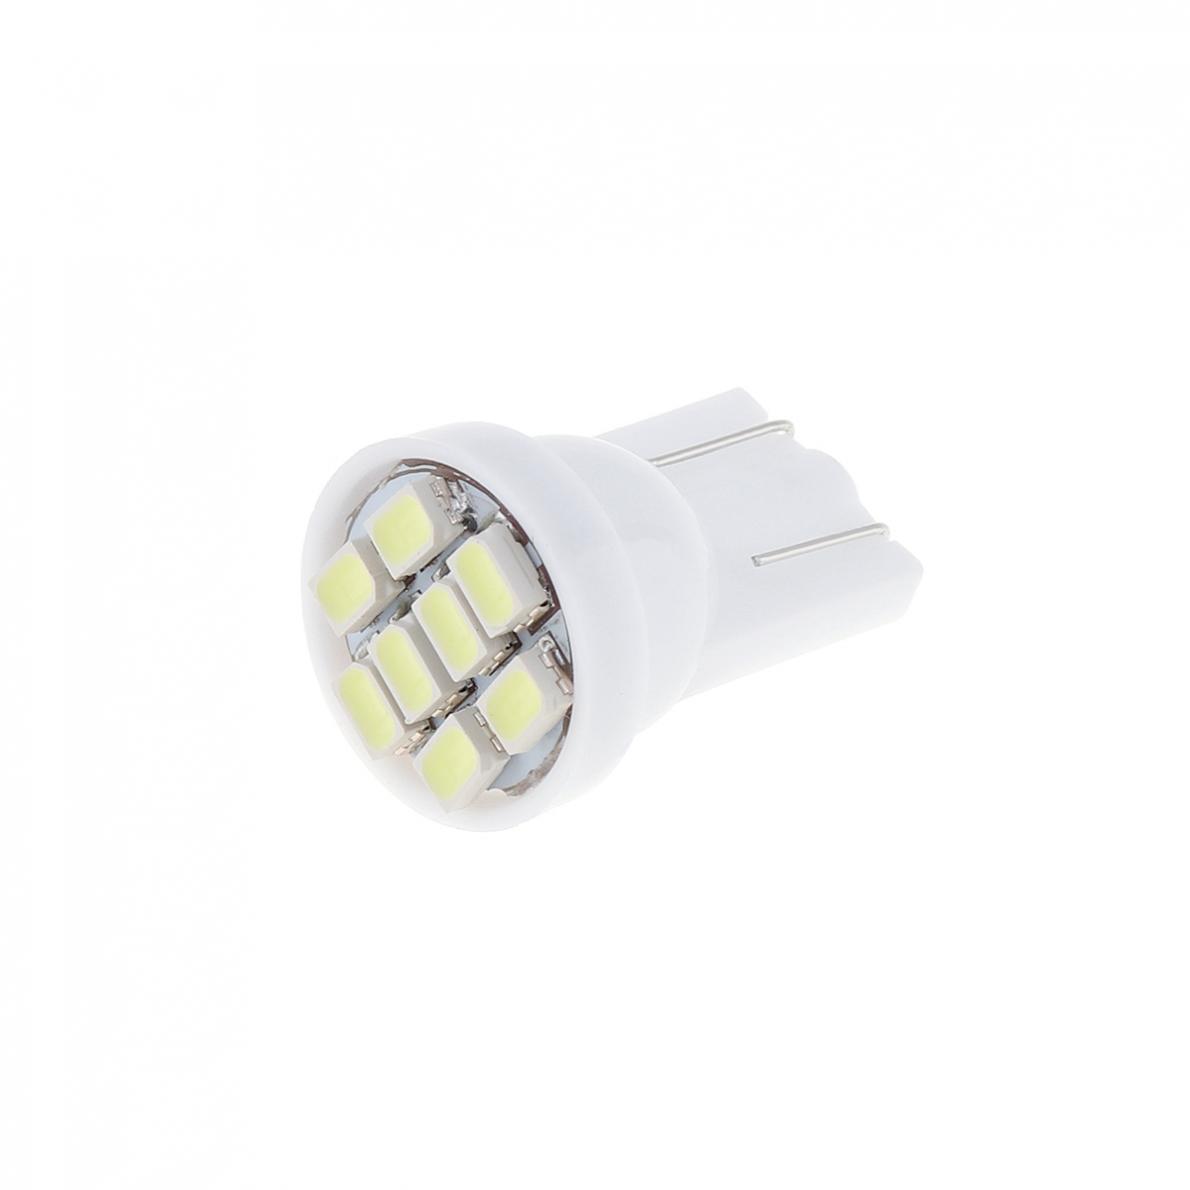 20 12V W5W T10 194 168 2825 501 192 158 White LED Side Car Wedge Light Lamp Bulb 6